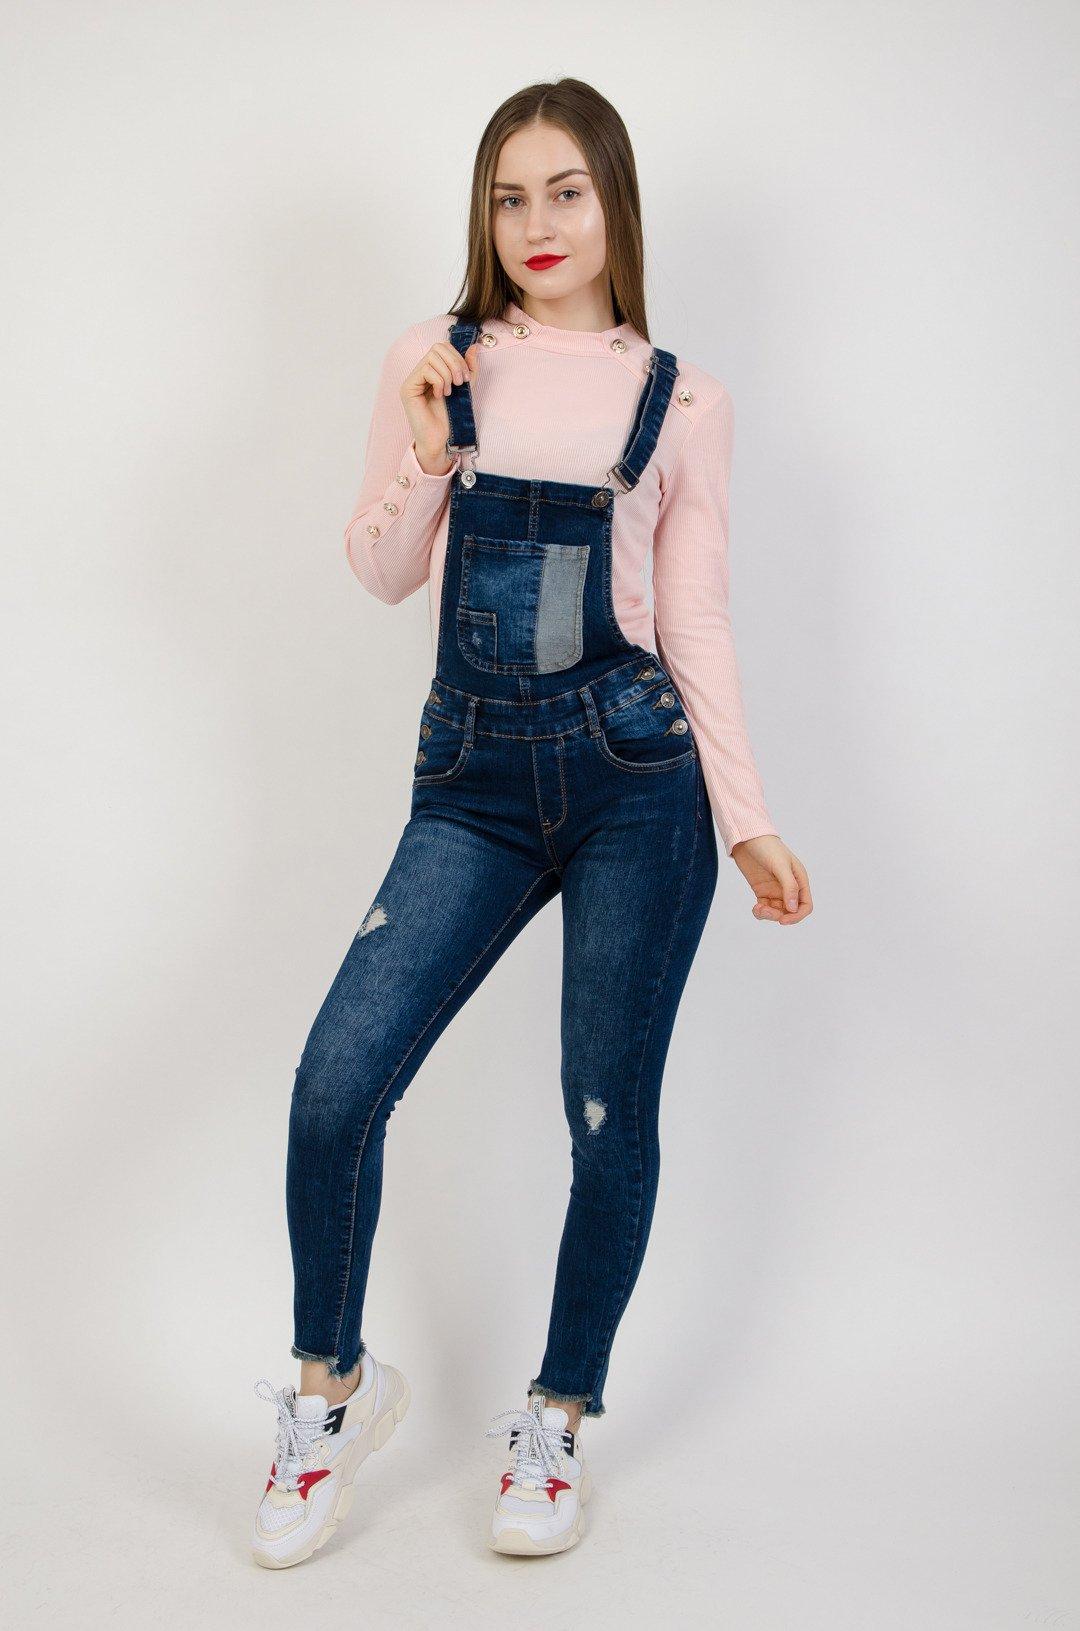 4fec114b0fef73 Ciemne jeansowe ogrodniczki z szarpaniem na dole nogawki   NOWOŚCI KOLEKCJA  \ Spodnie \ Spodnie jeansowe WYPRZEDAŻ % KOLEKCJA \ Spodnie \ Ogrodniczki -  ...